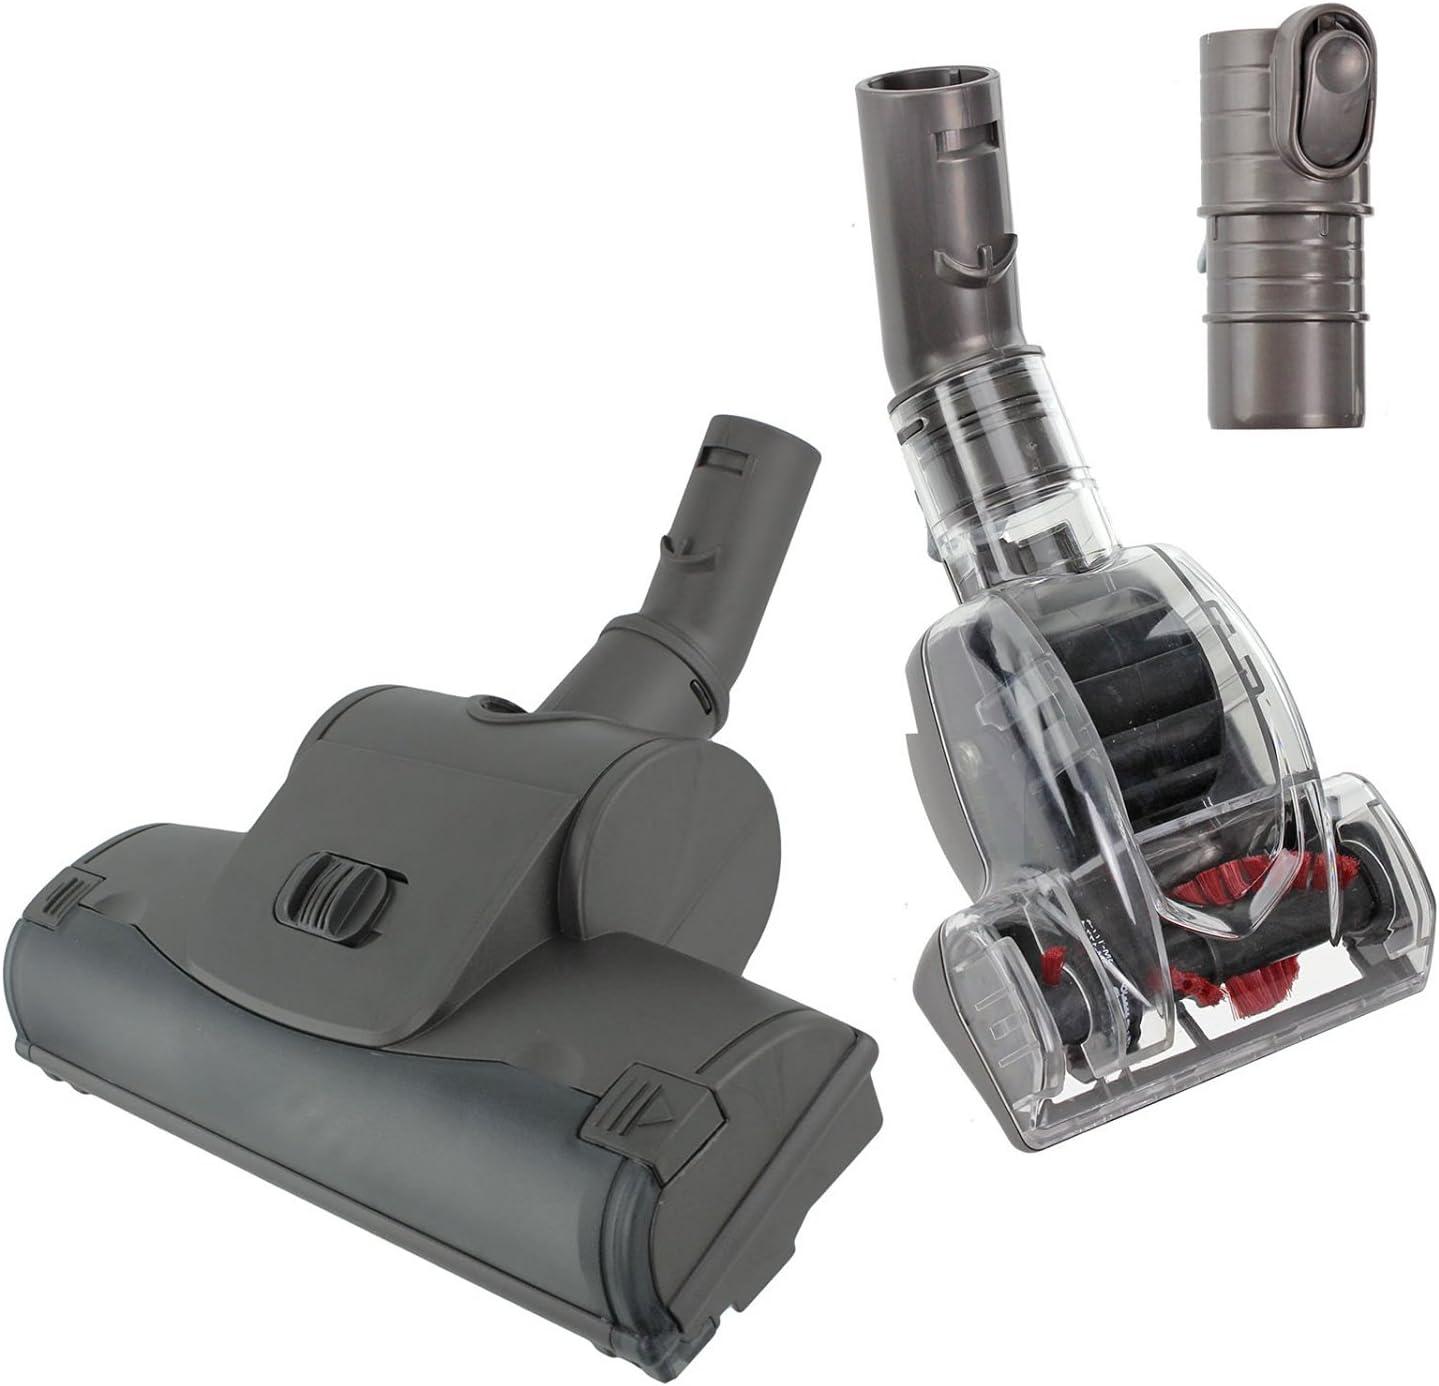 Spares2go - Cepillo turbo principal + cabezal de turbina mini para ...